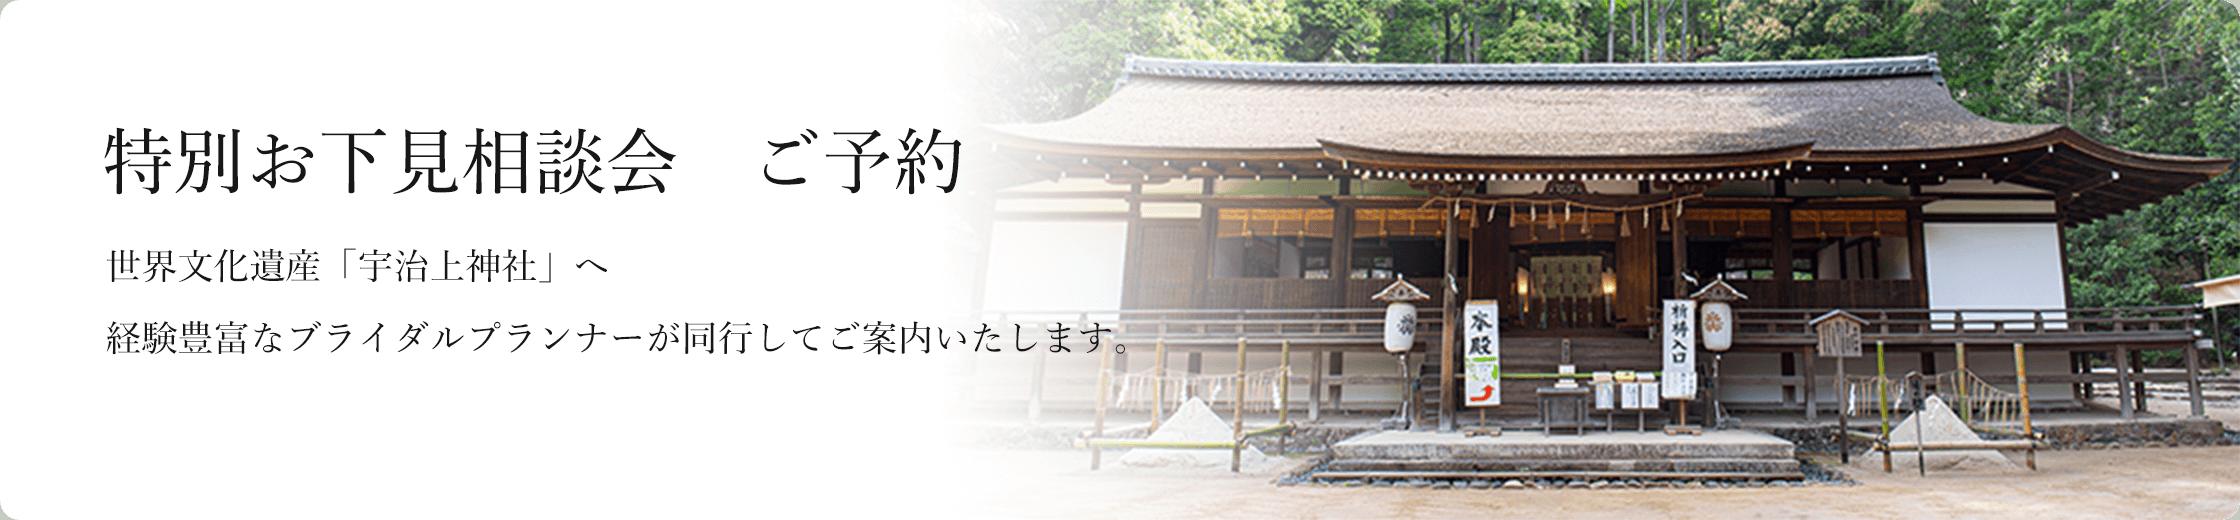 特別お下見相談会 ご予約。世界文化遺産「宇治上神社」へ経験豊富なブライダルプランナーが同行してご案内いたします。